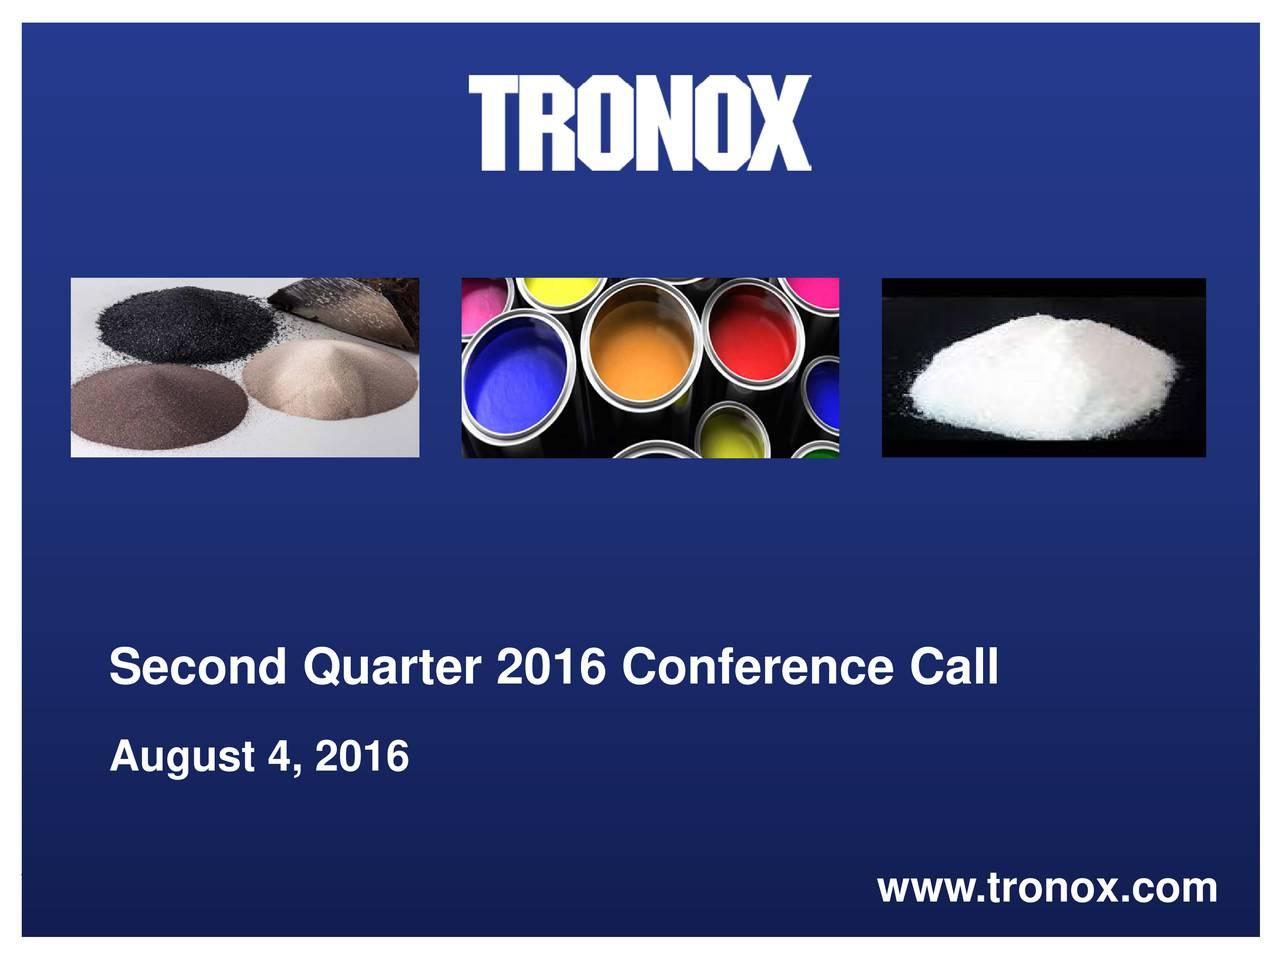 August 4, 2016 www.tronox.com